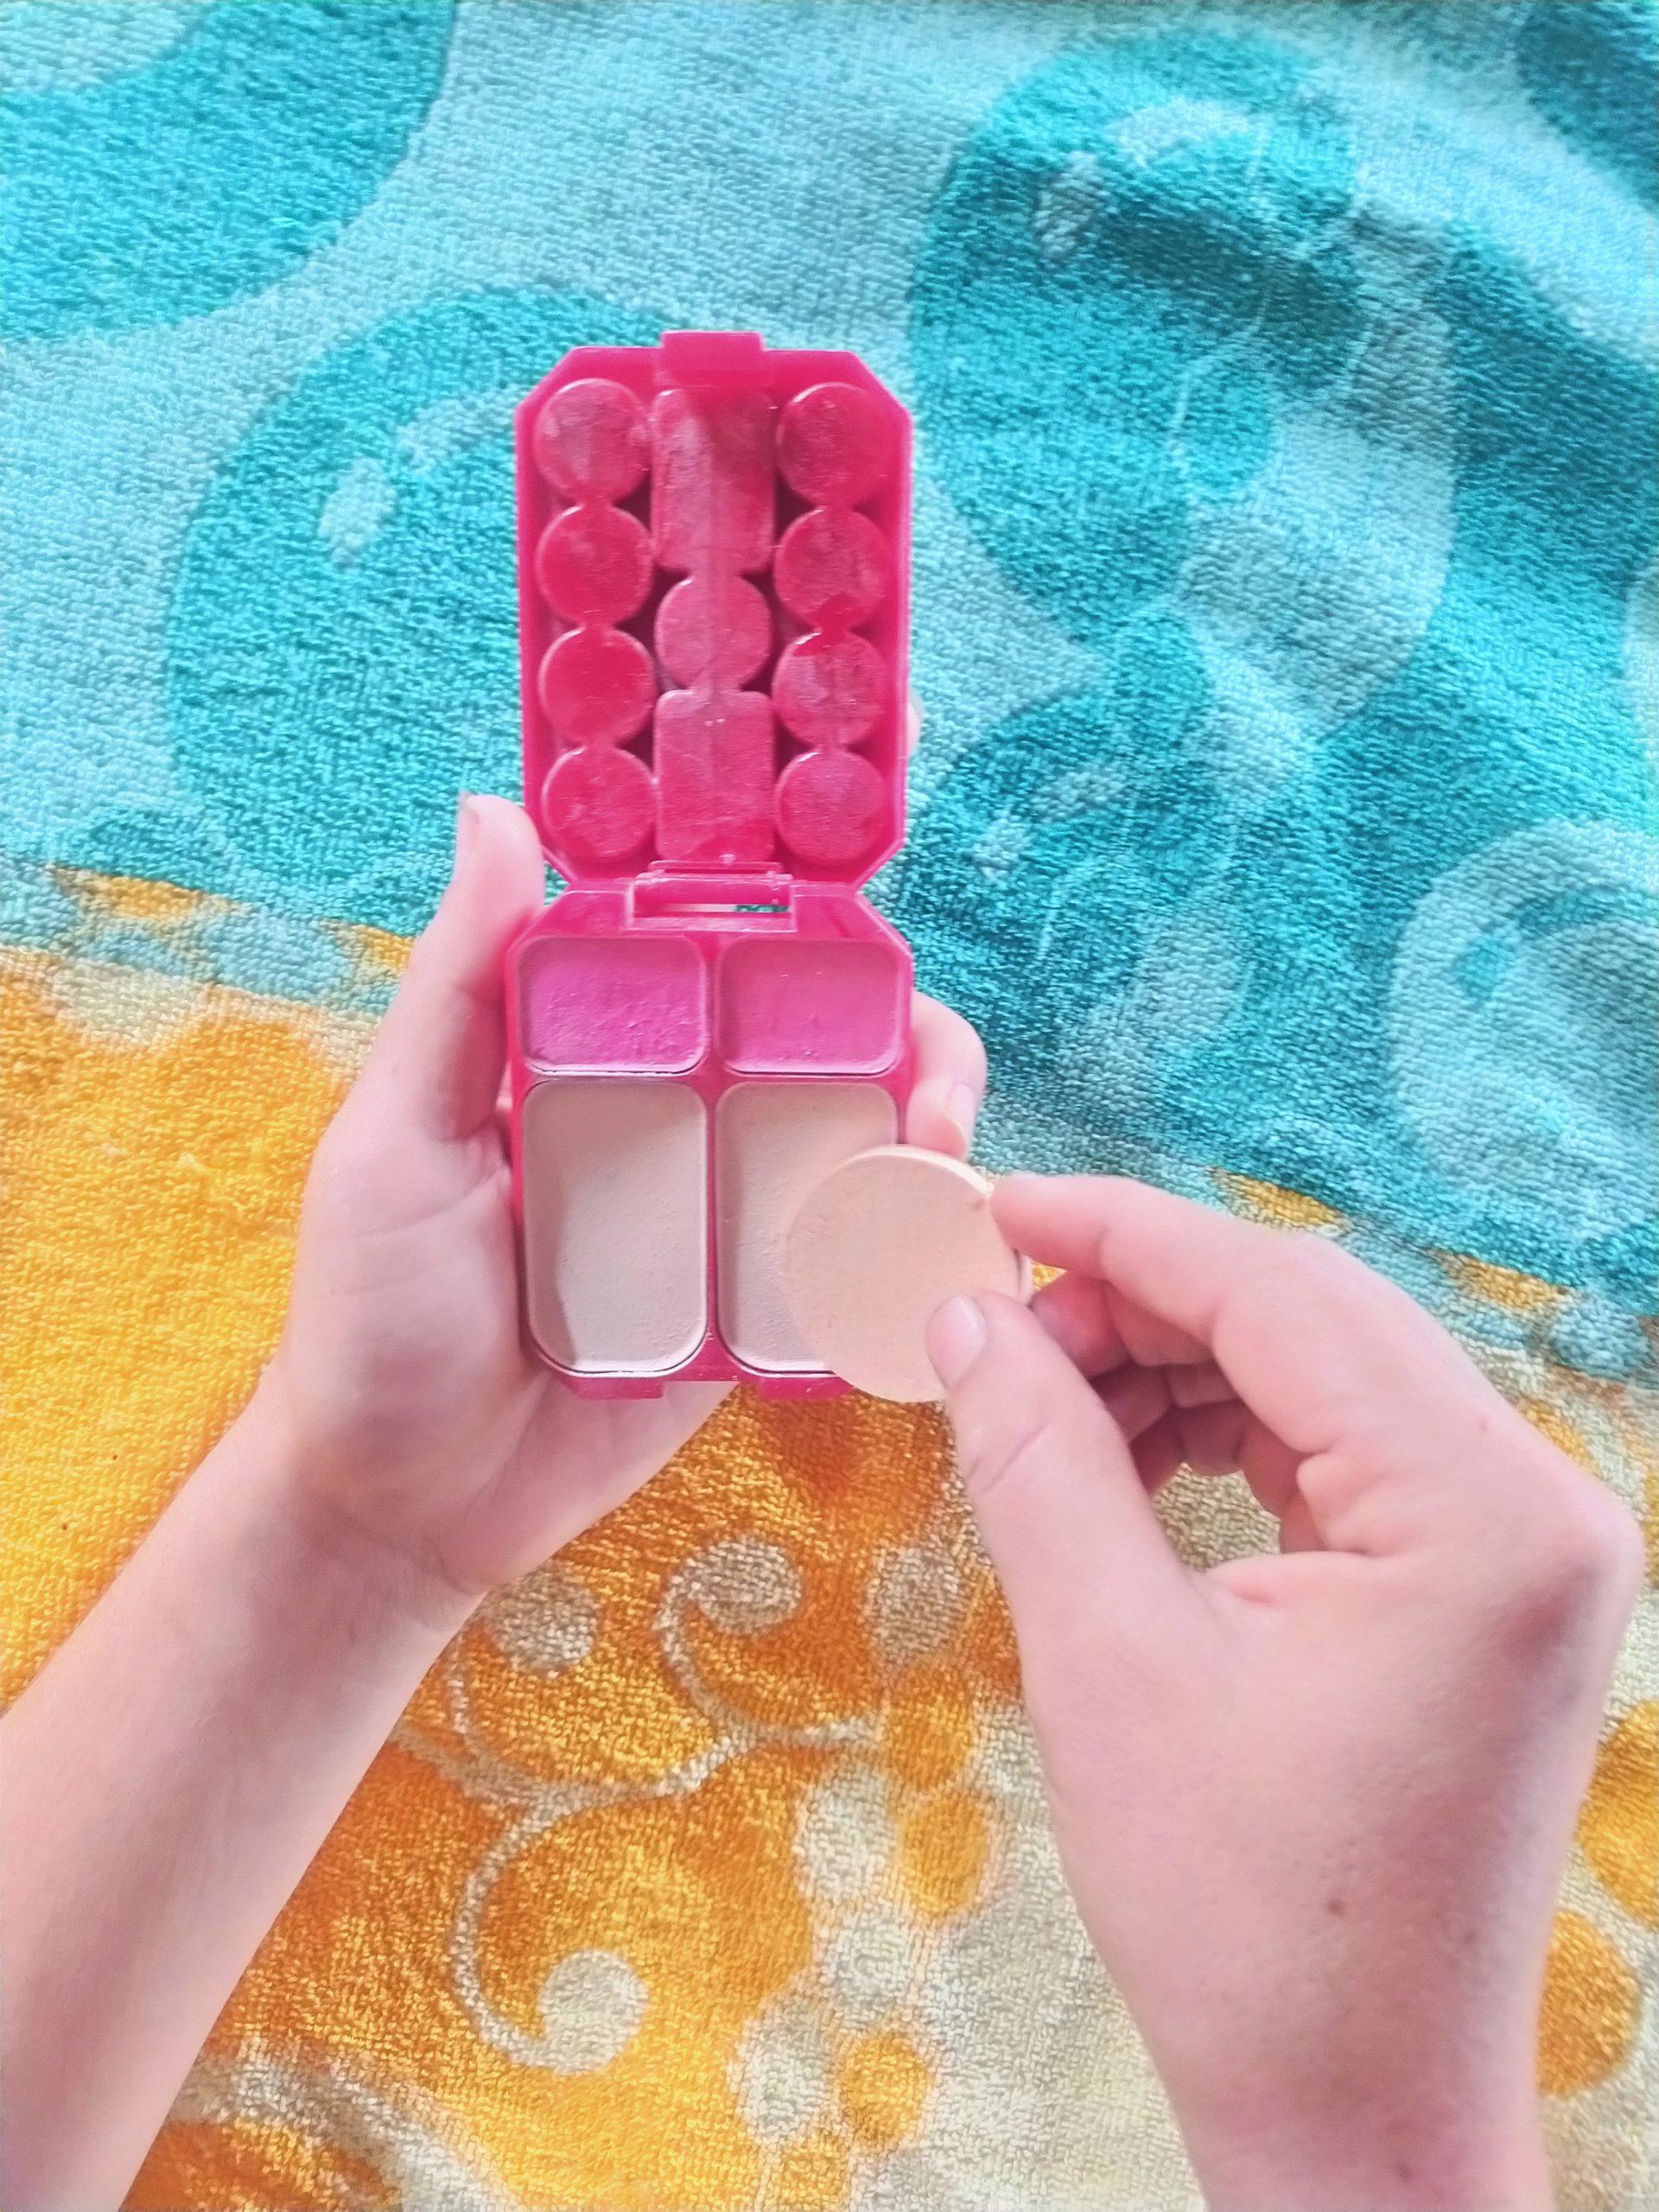 A makeup product